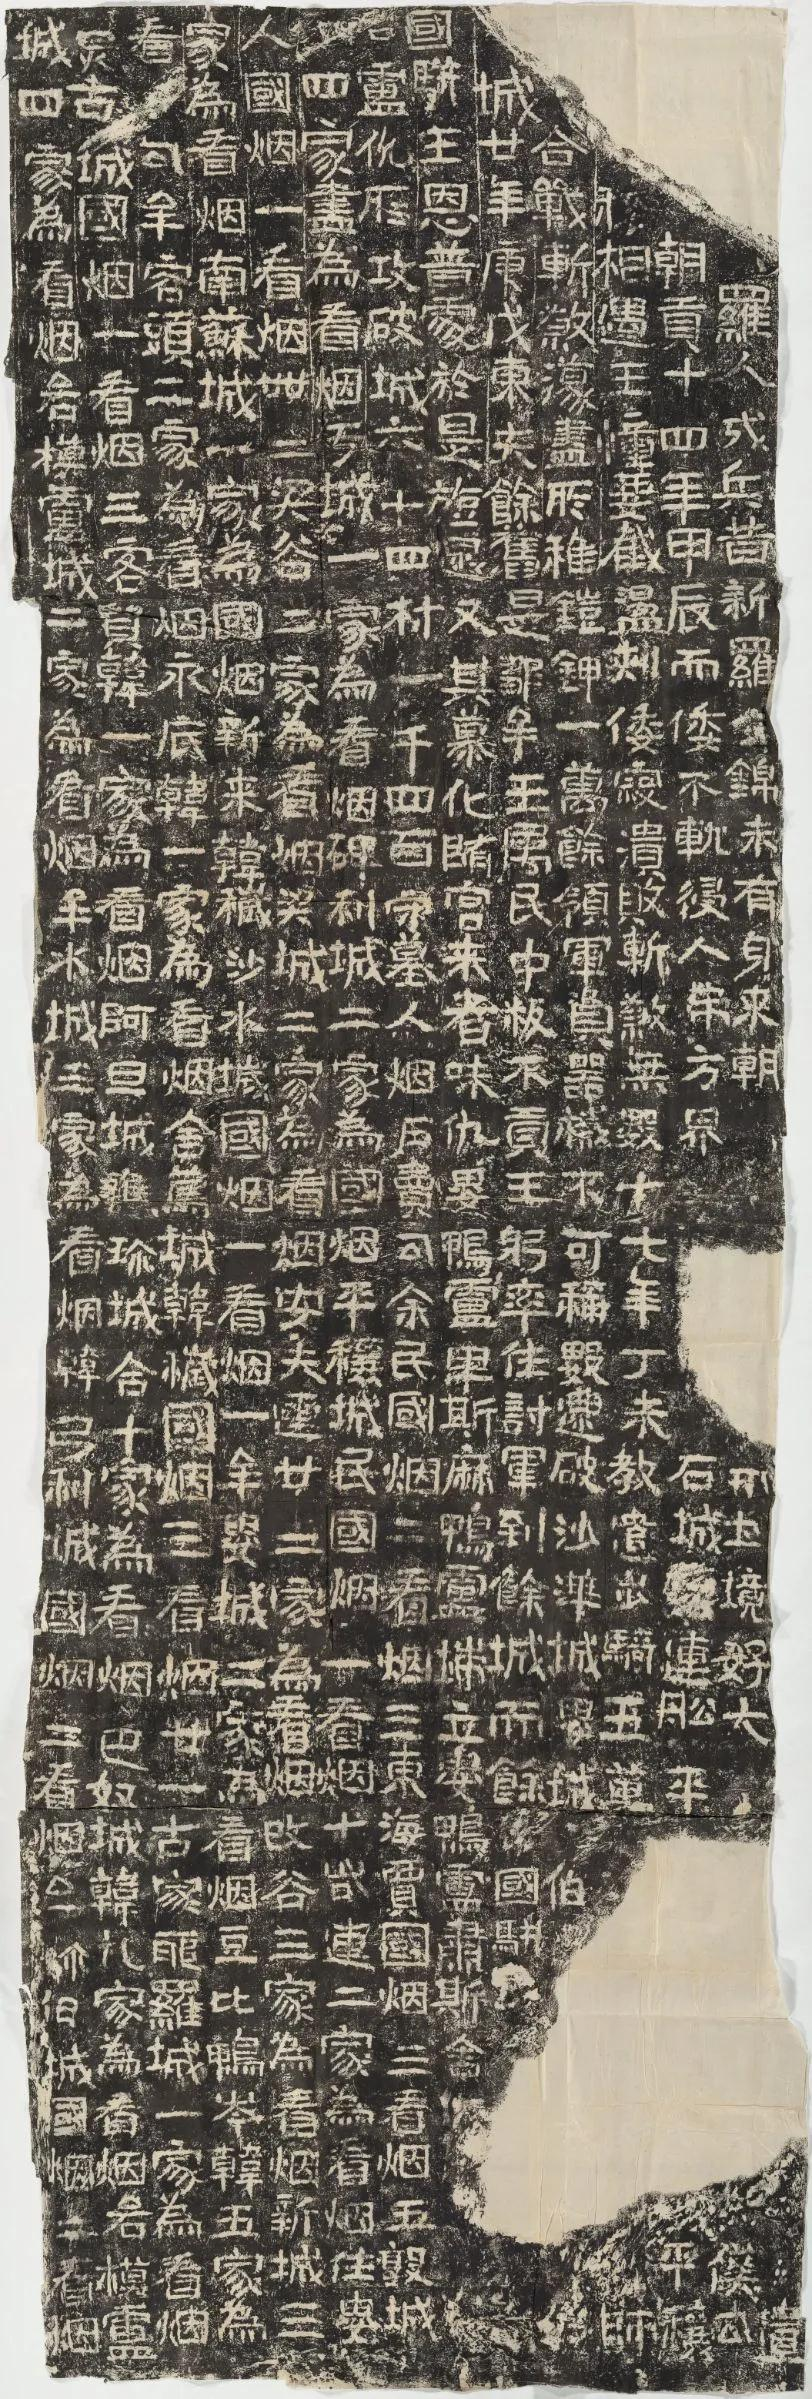 """杖藜讲坛:你写的可能是""""假""""的好太王——《好太王碑》的几个版本比较"""